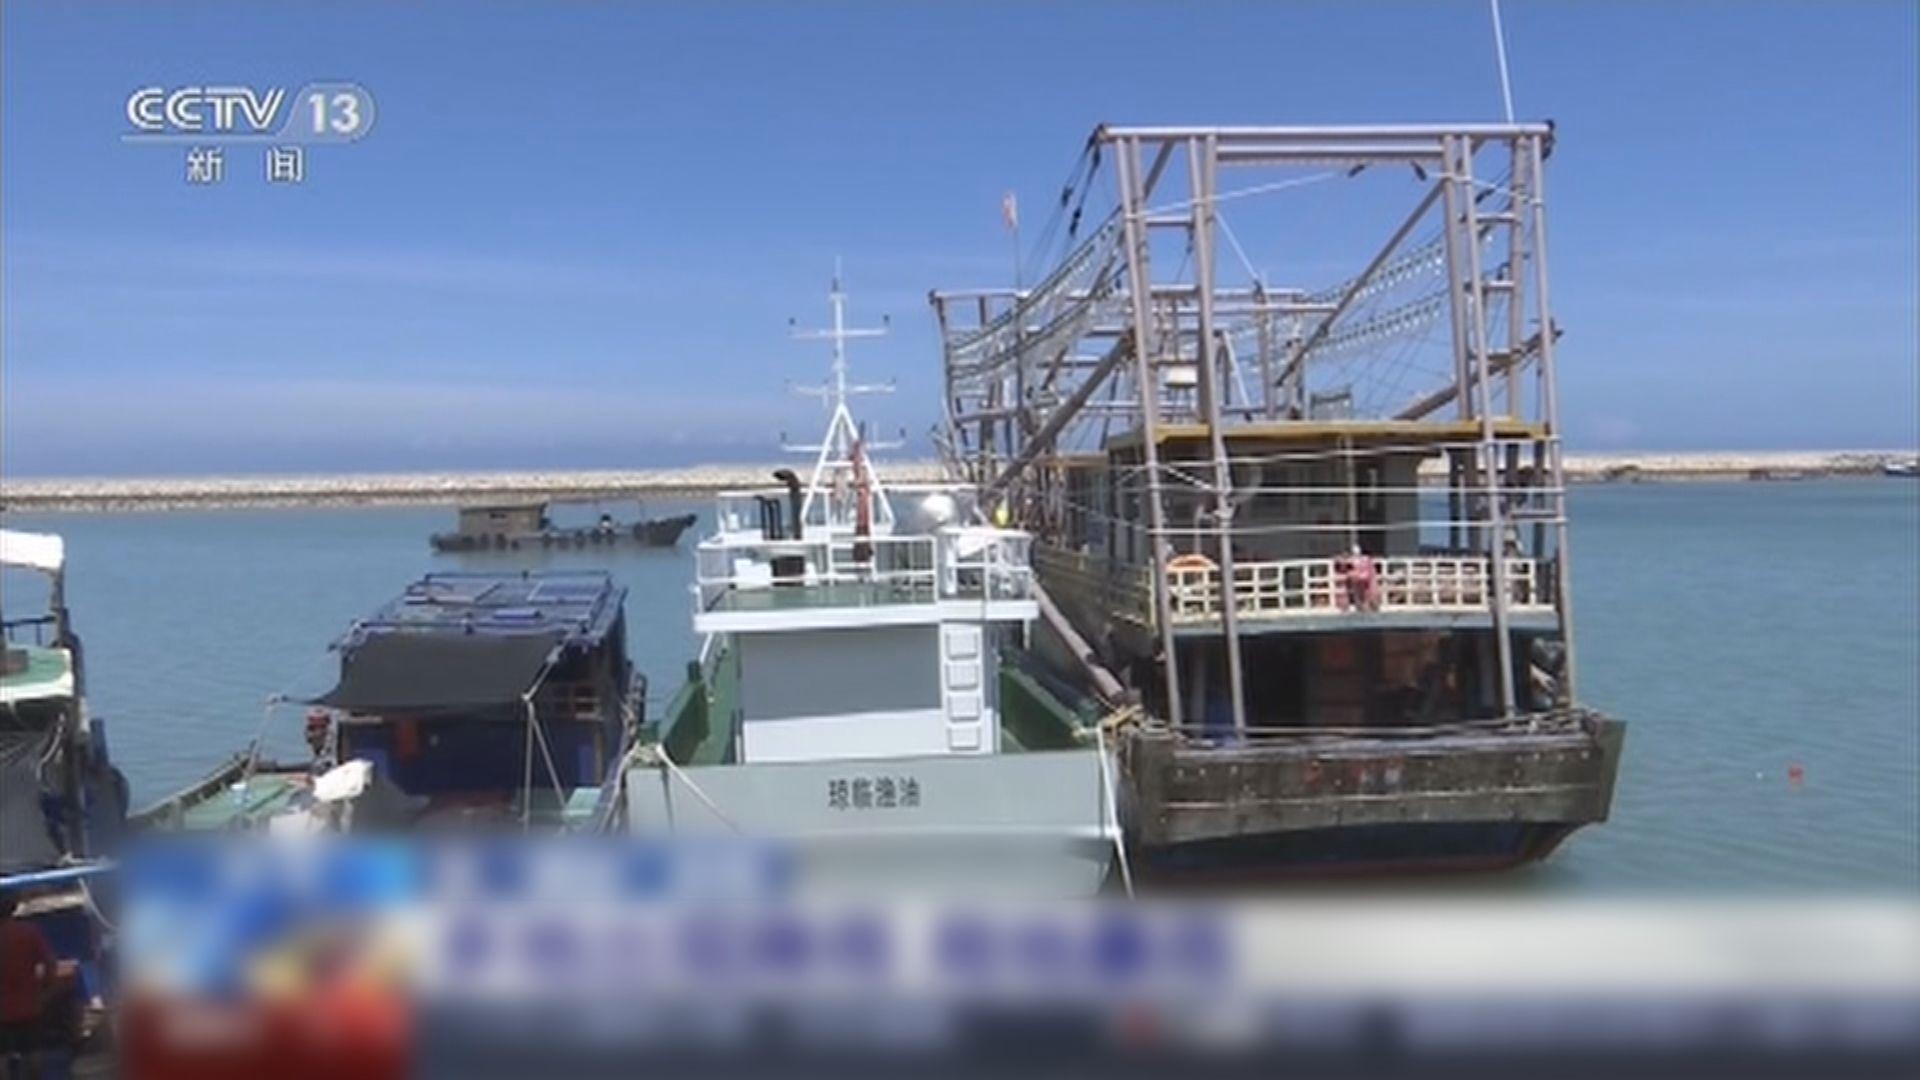 燦都逼近浙江萬艘漁船回港暫避